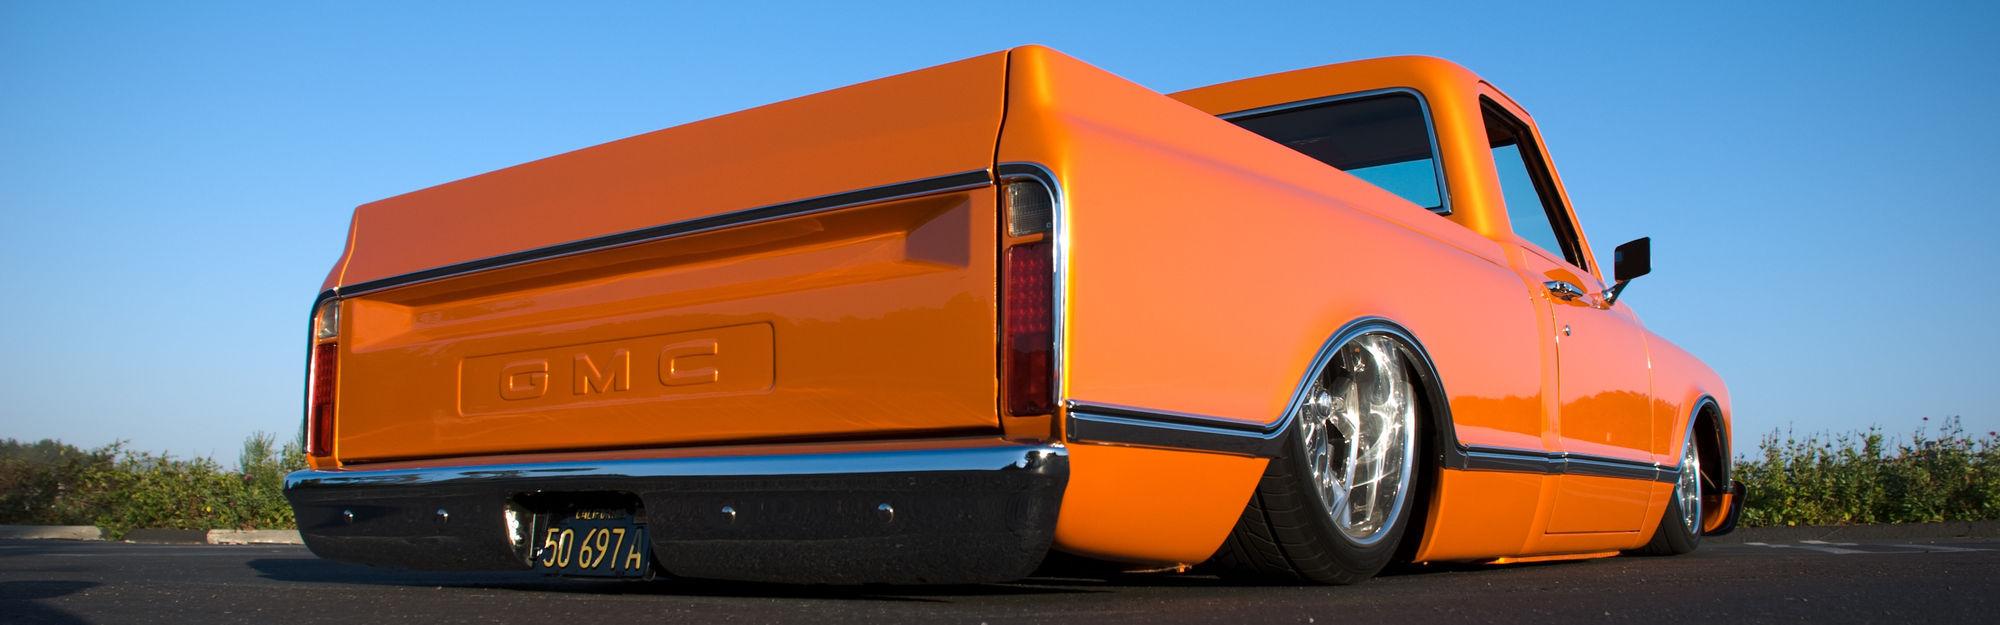 1975 GMC  | Scott's C-10